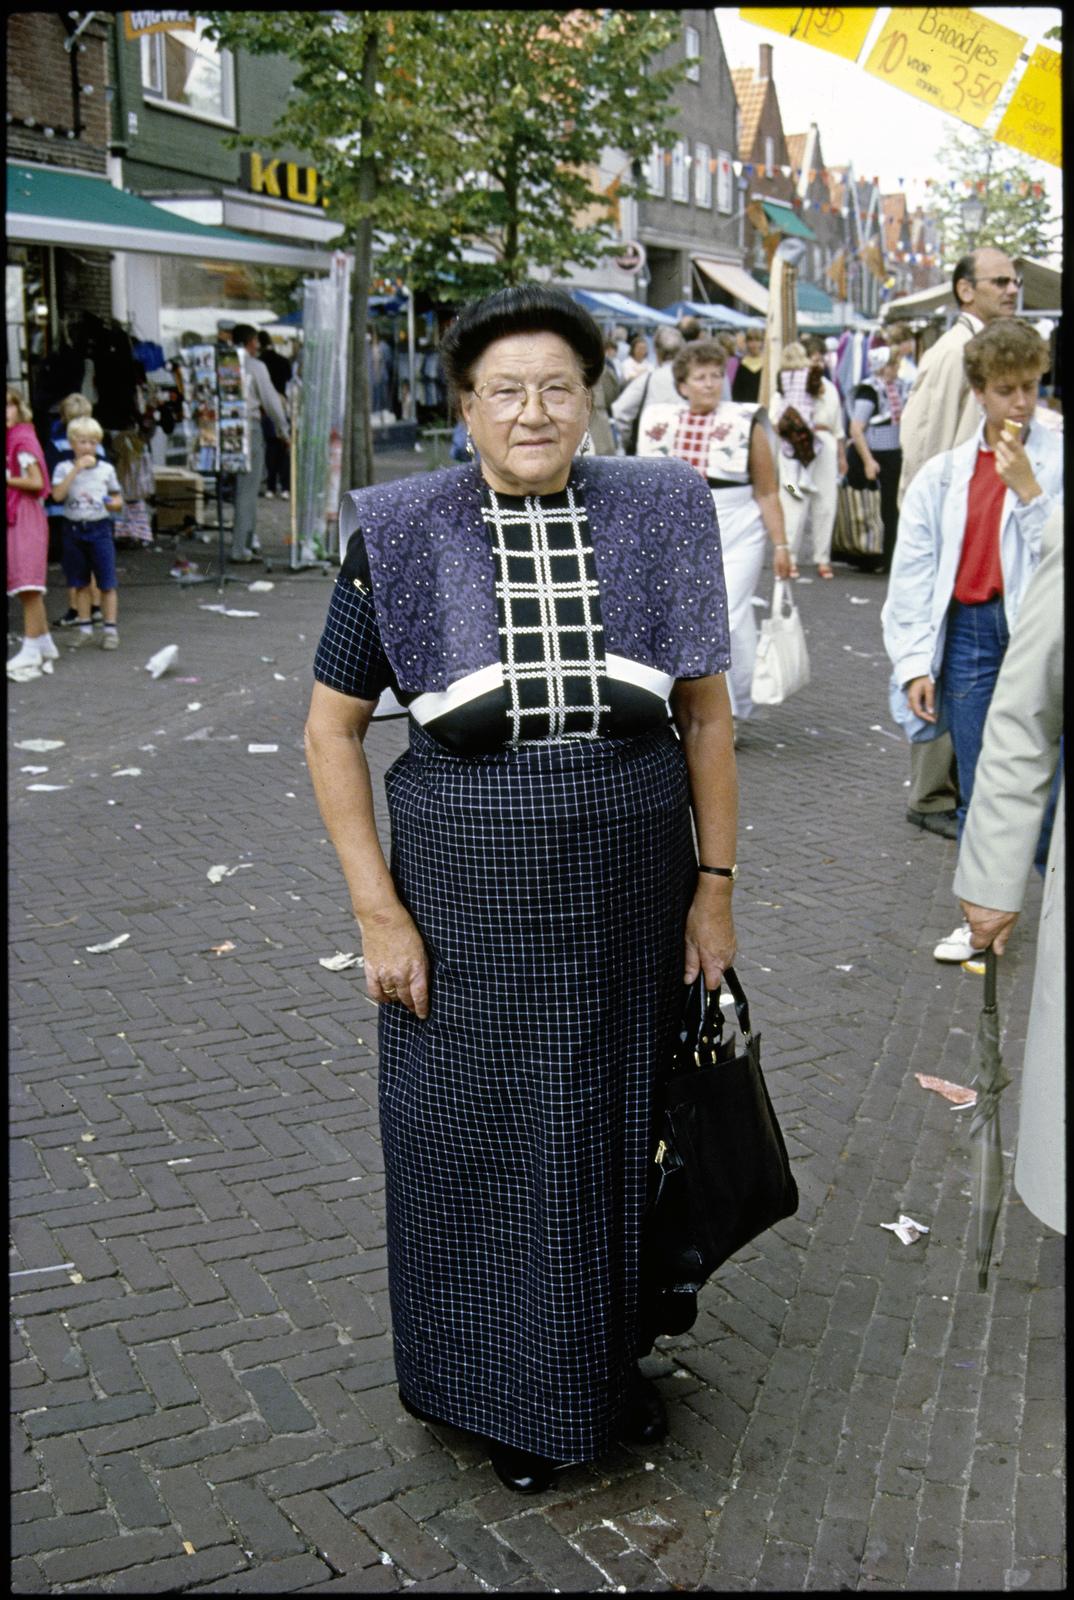 Vrouw in klederdracht op straat tijdens Spakenburger dagen.